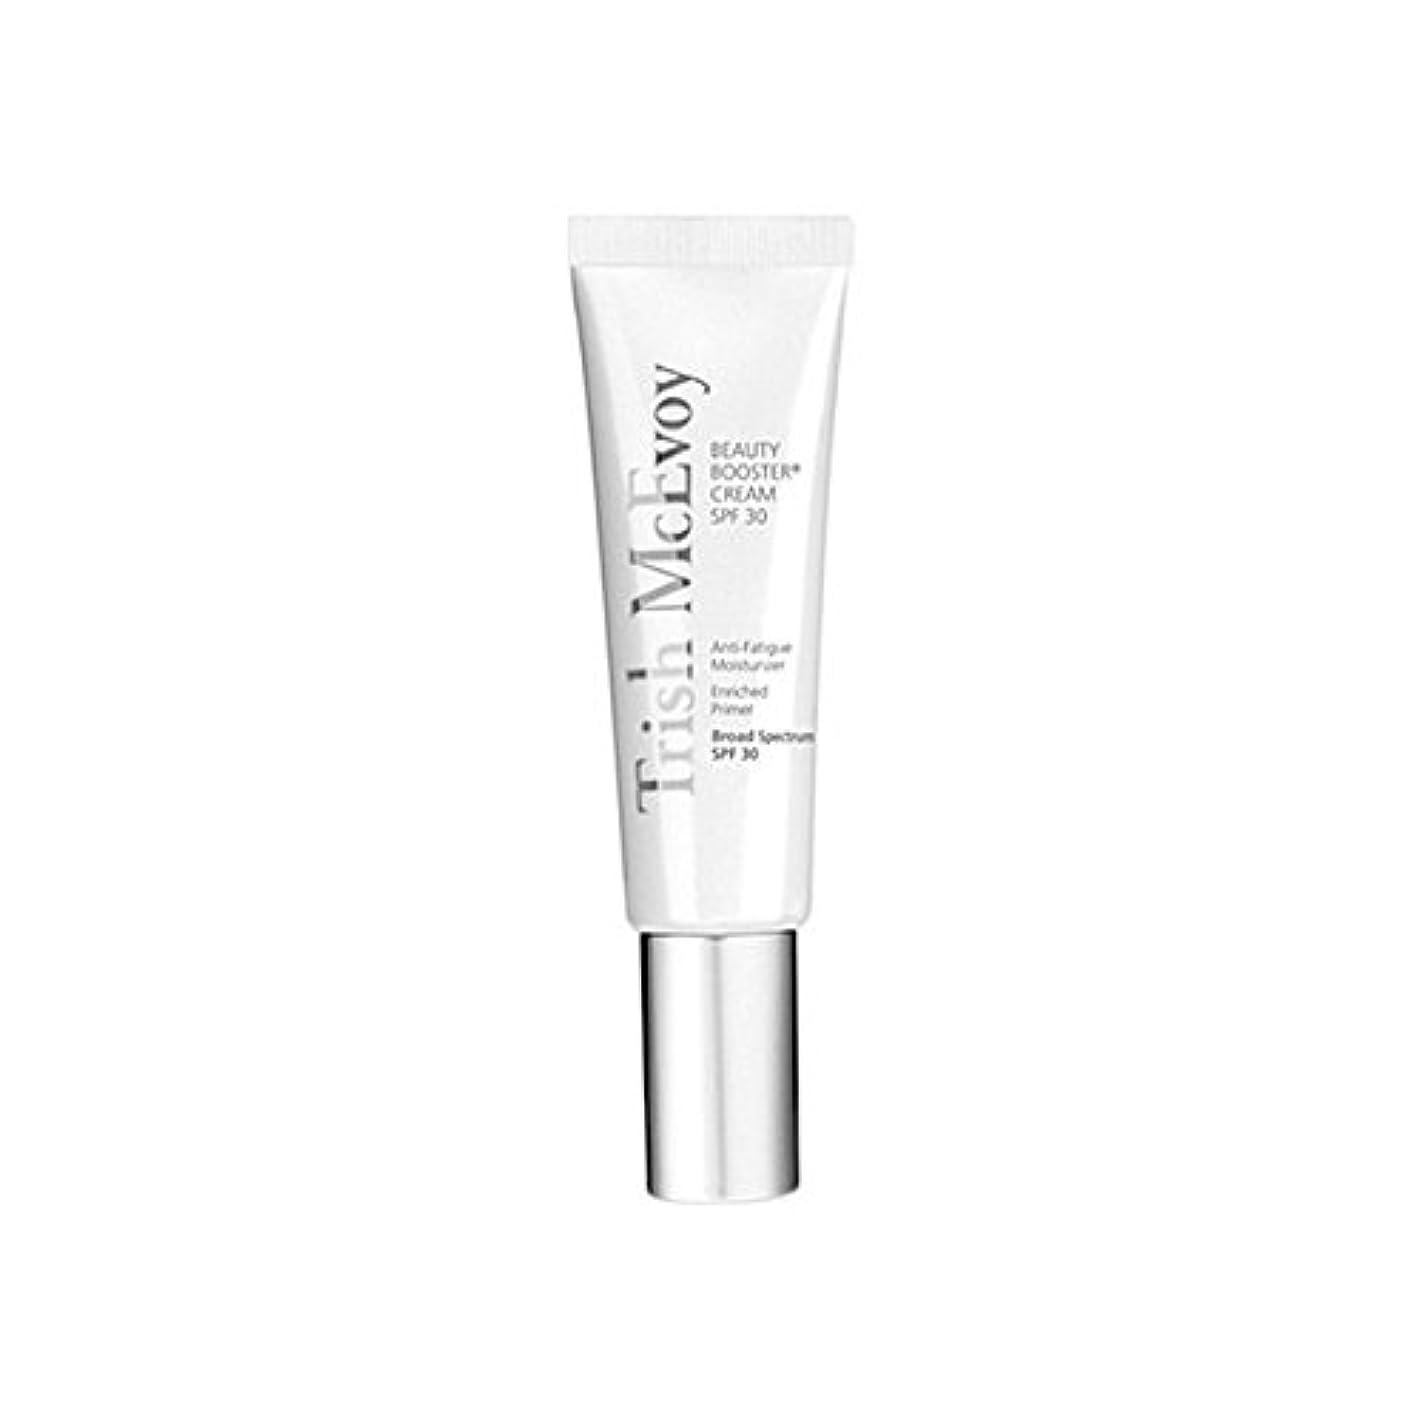 のれんひいきにする細胞Trish Mcevoy Beauty Booster Cream Spf 30 55ml (Pack of 6) - トリッシュ?マクエボイの美しブースタークリーム 30 55ミリリットル x6 [並行輸入品]